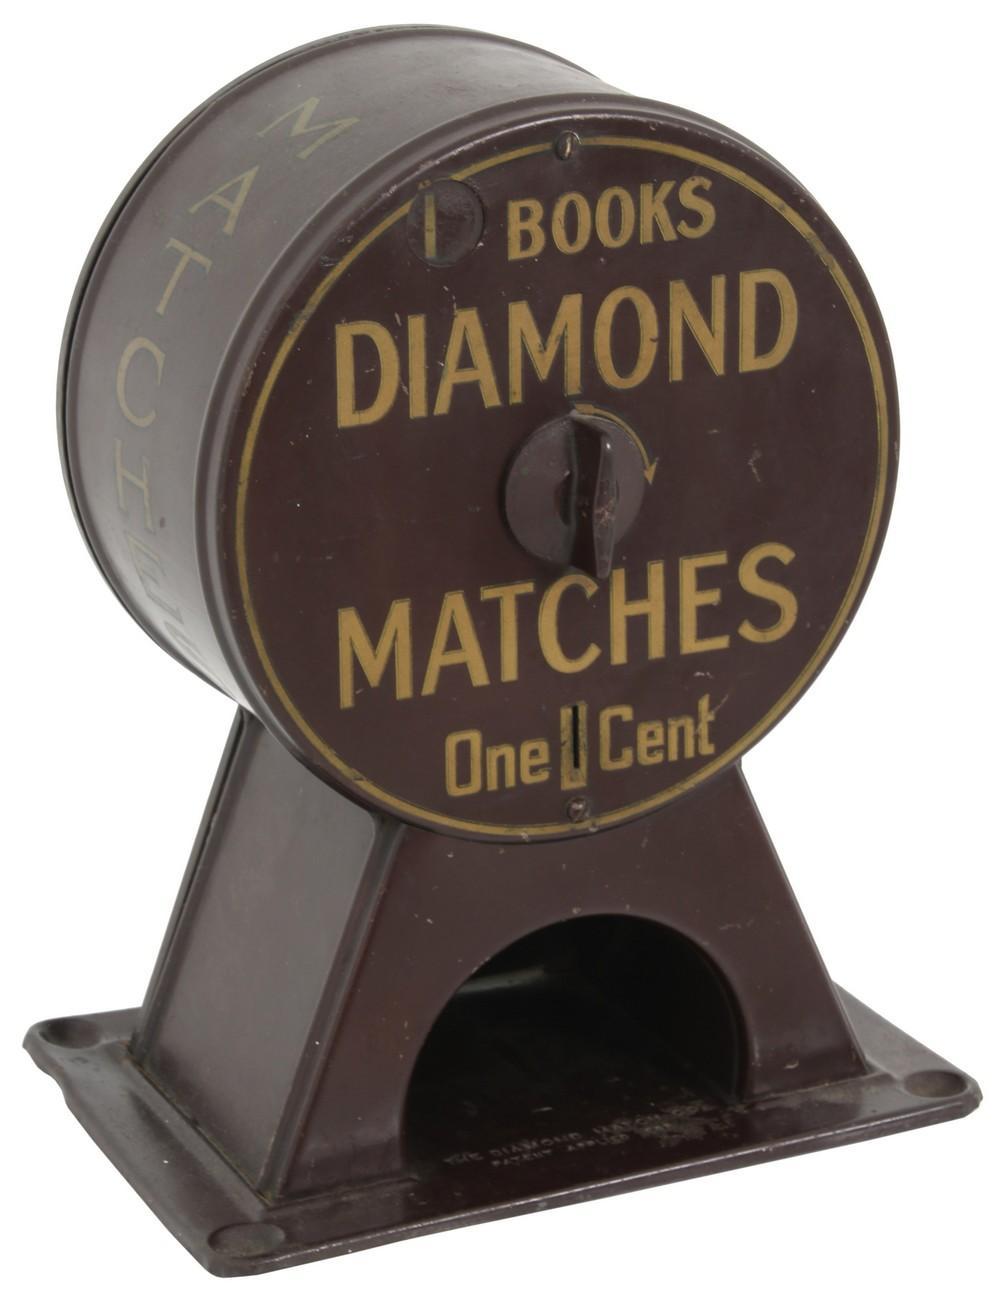 The Diamond Match Co. 1 Cent Match Dispenser